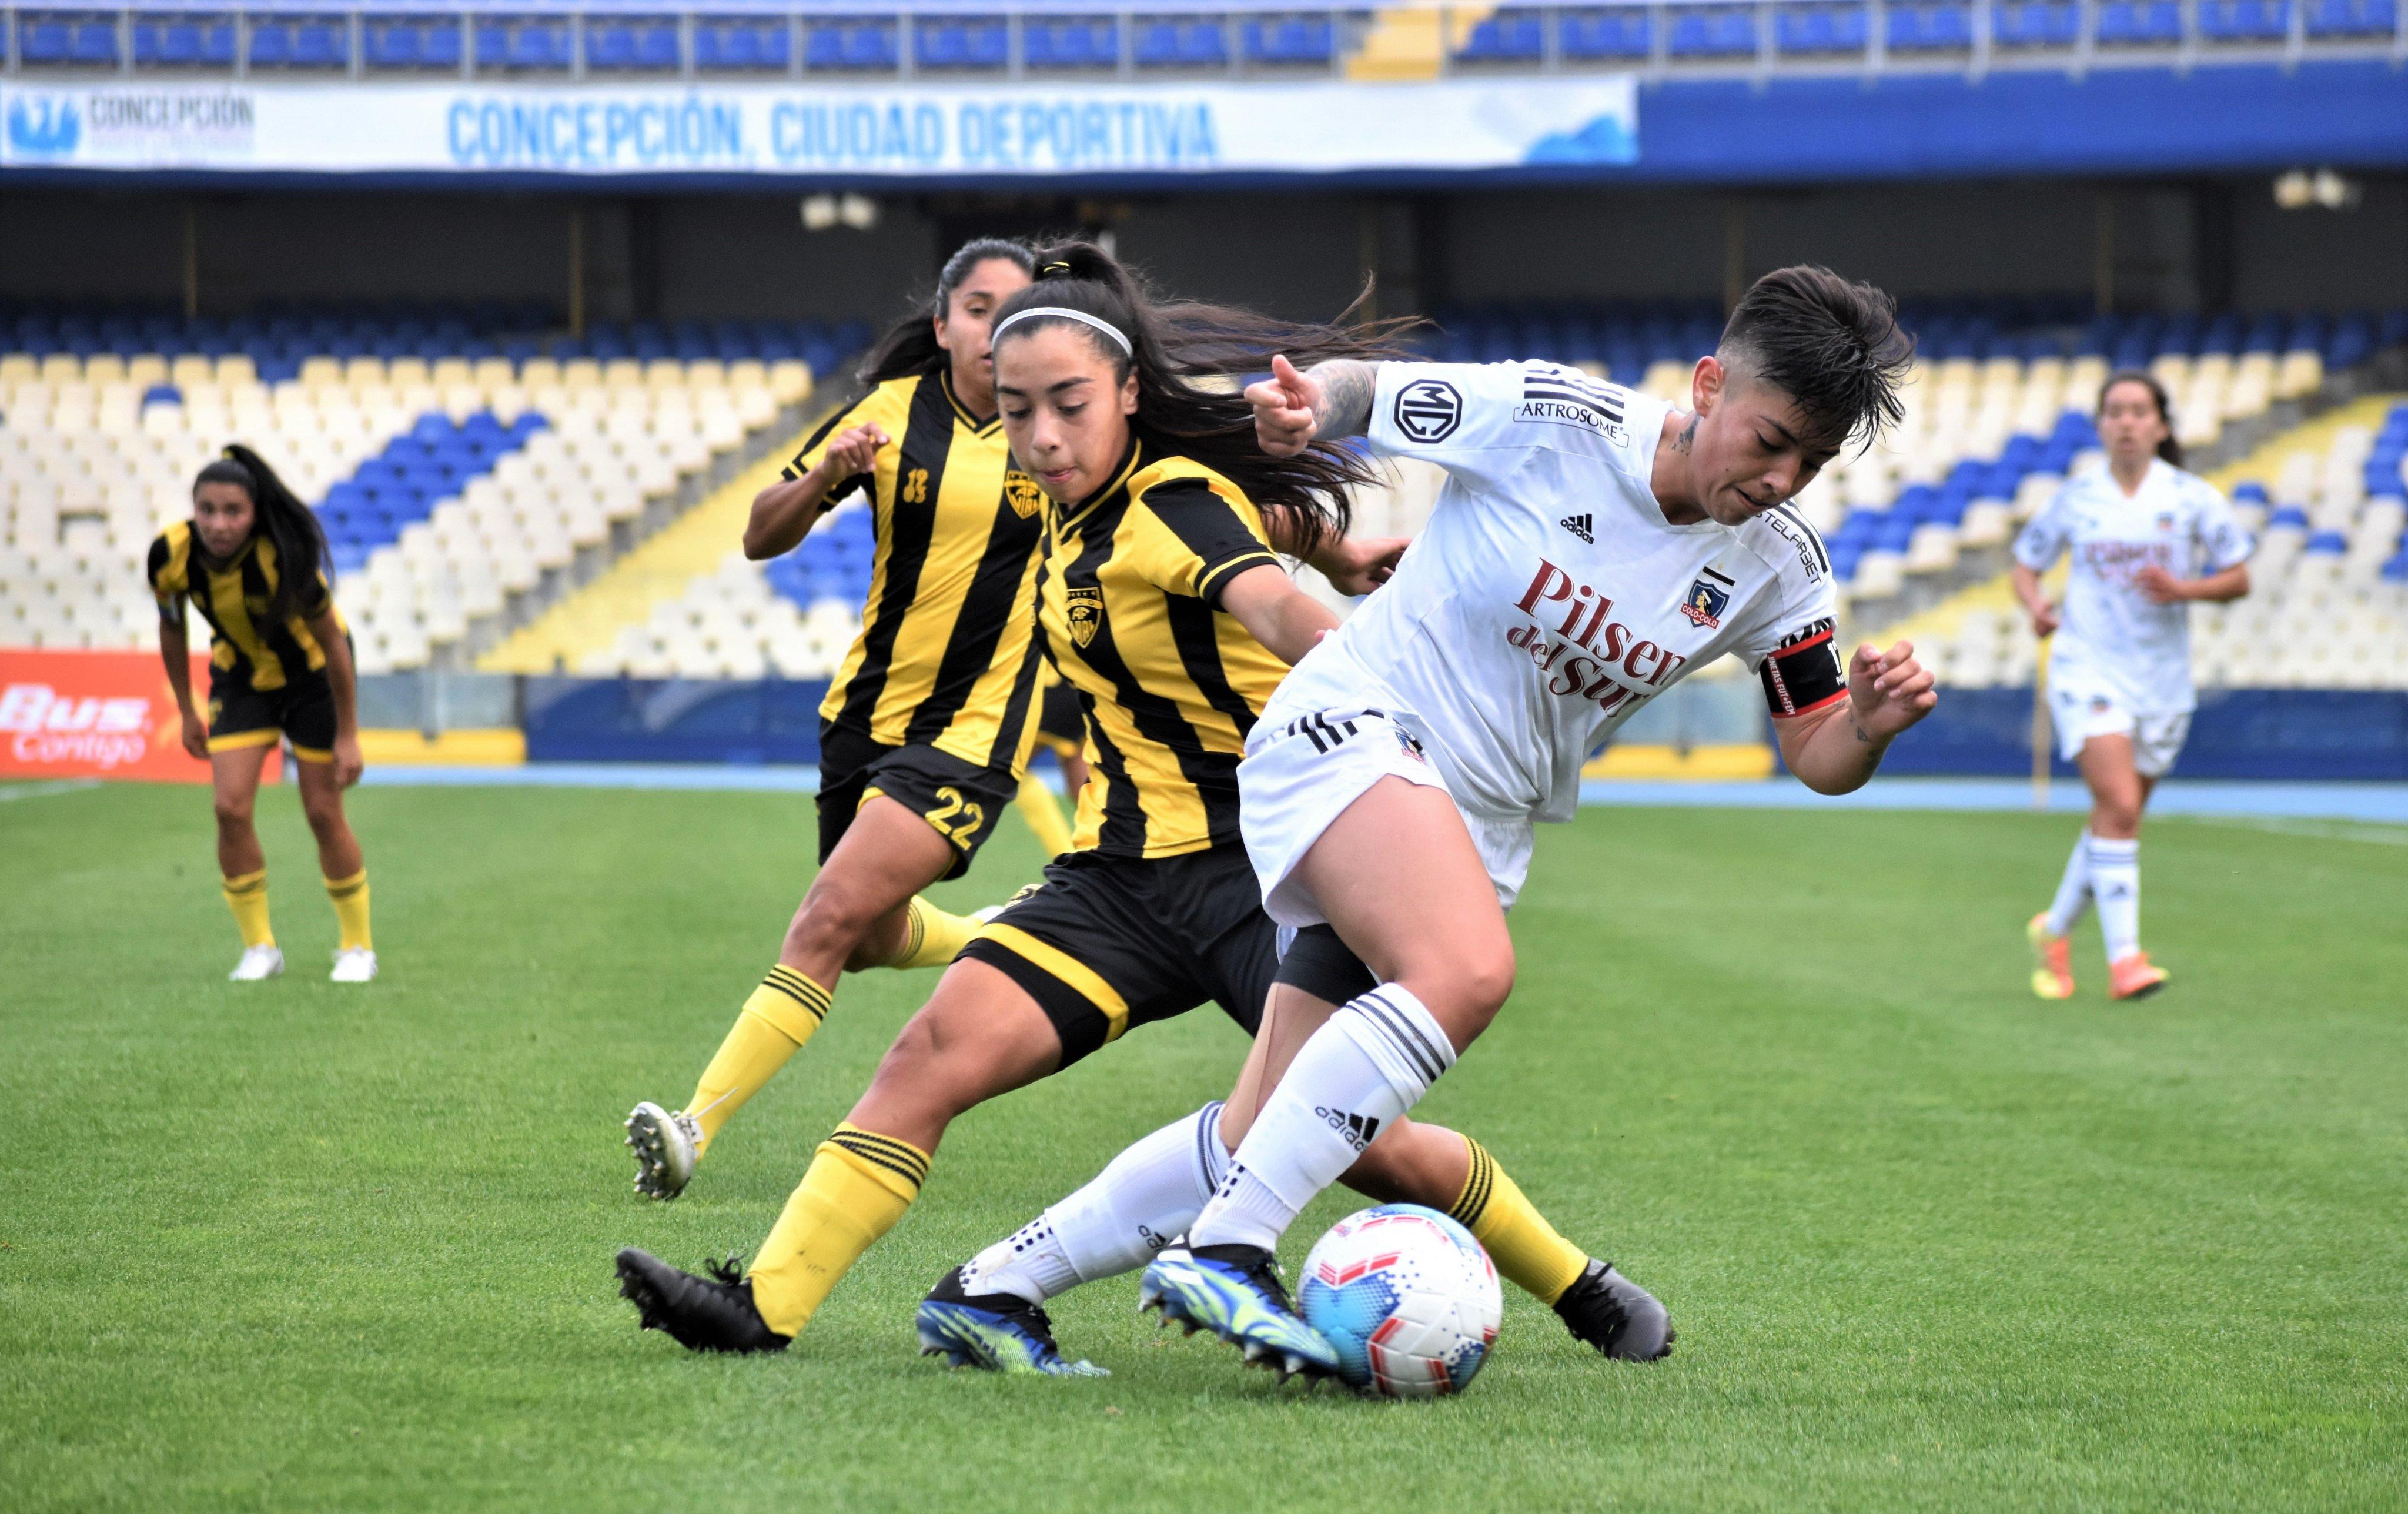 Colo Colo femenino 5-1 Fernández Vial | RESULTADO, RESUMEN, VIDEO, GOLES |  Fecha 2 del Campeonato Nacional femenino | Dale Albo